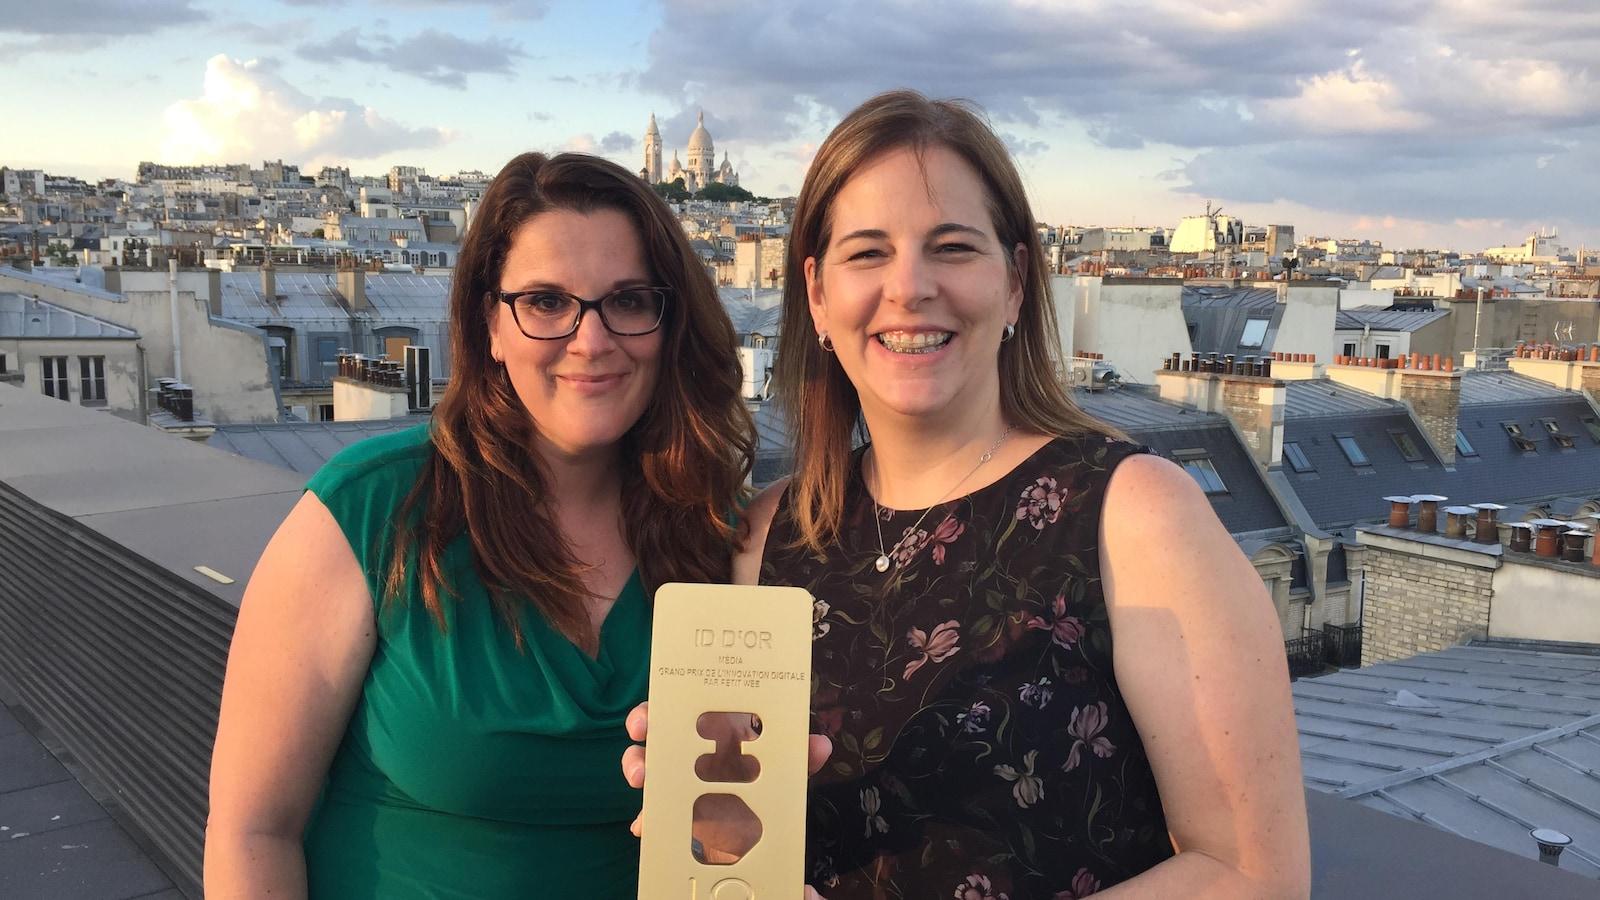 Les journalistes Marie Eve Lacas et Geneviève Proulx avec le prix ID OR 2018 entre les mains.